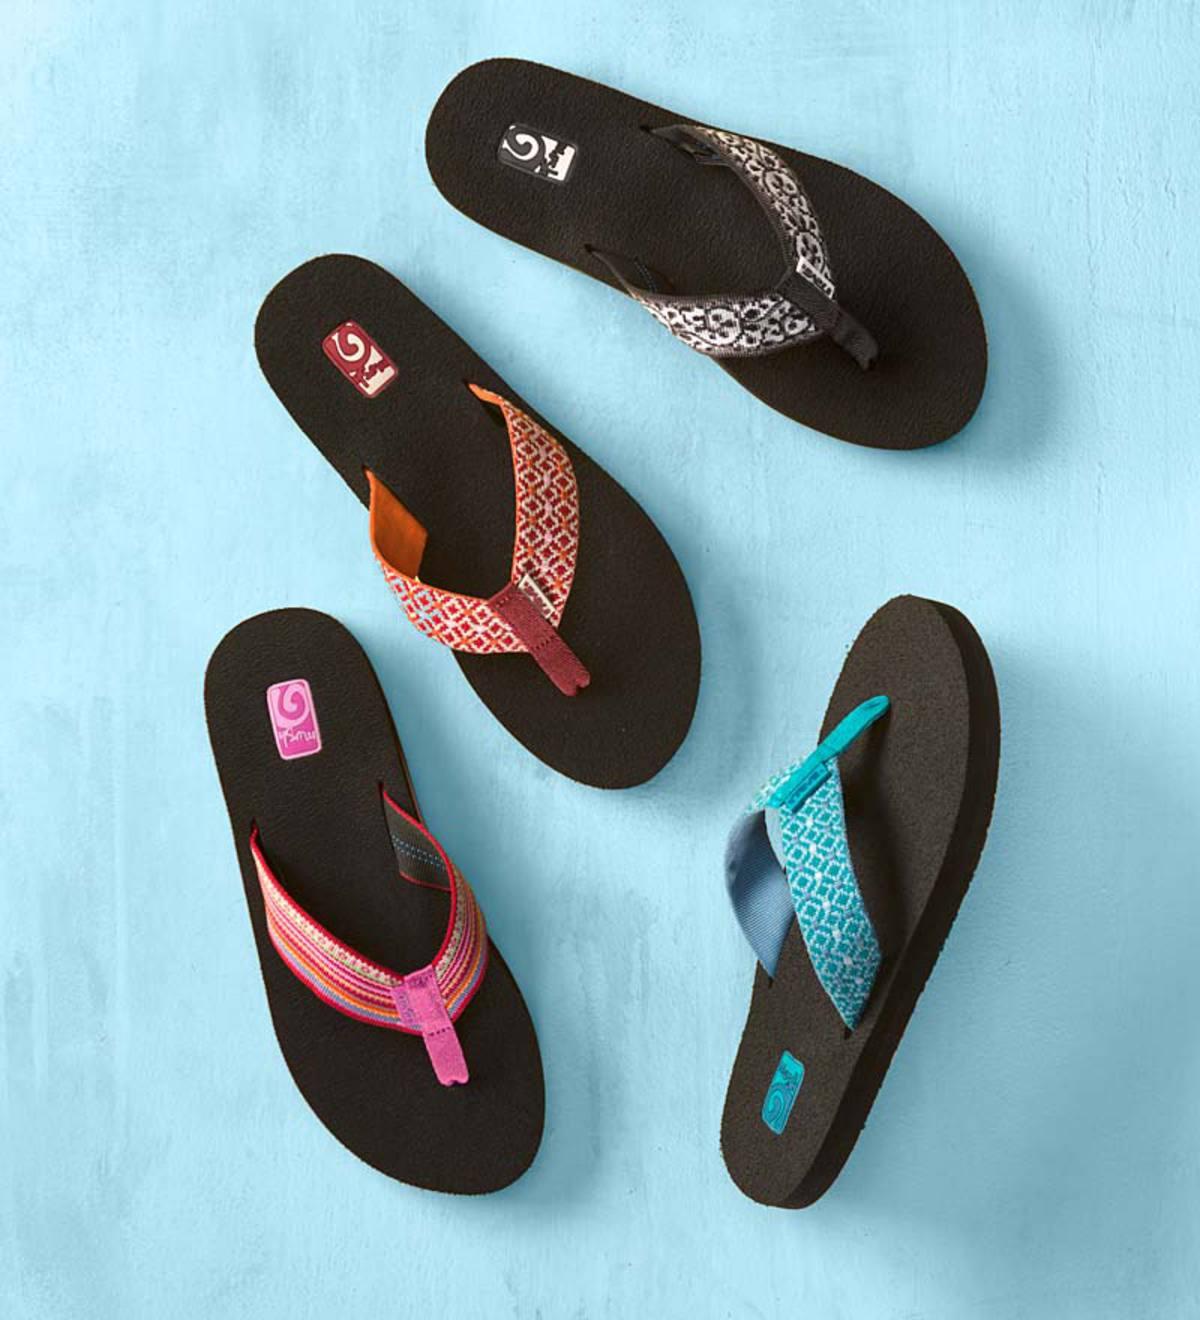 Teva Mush II Flip-Flops For Women